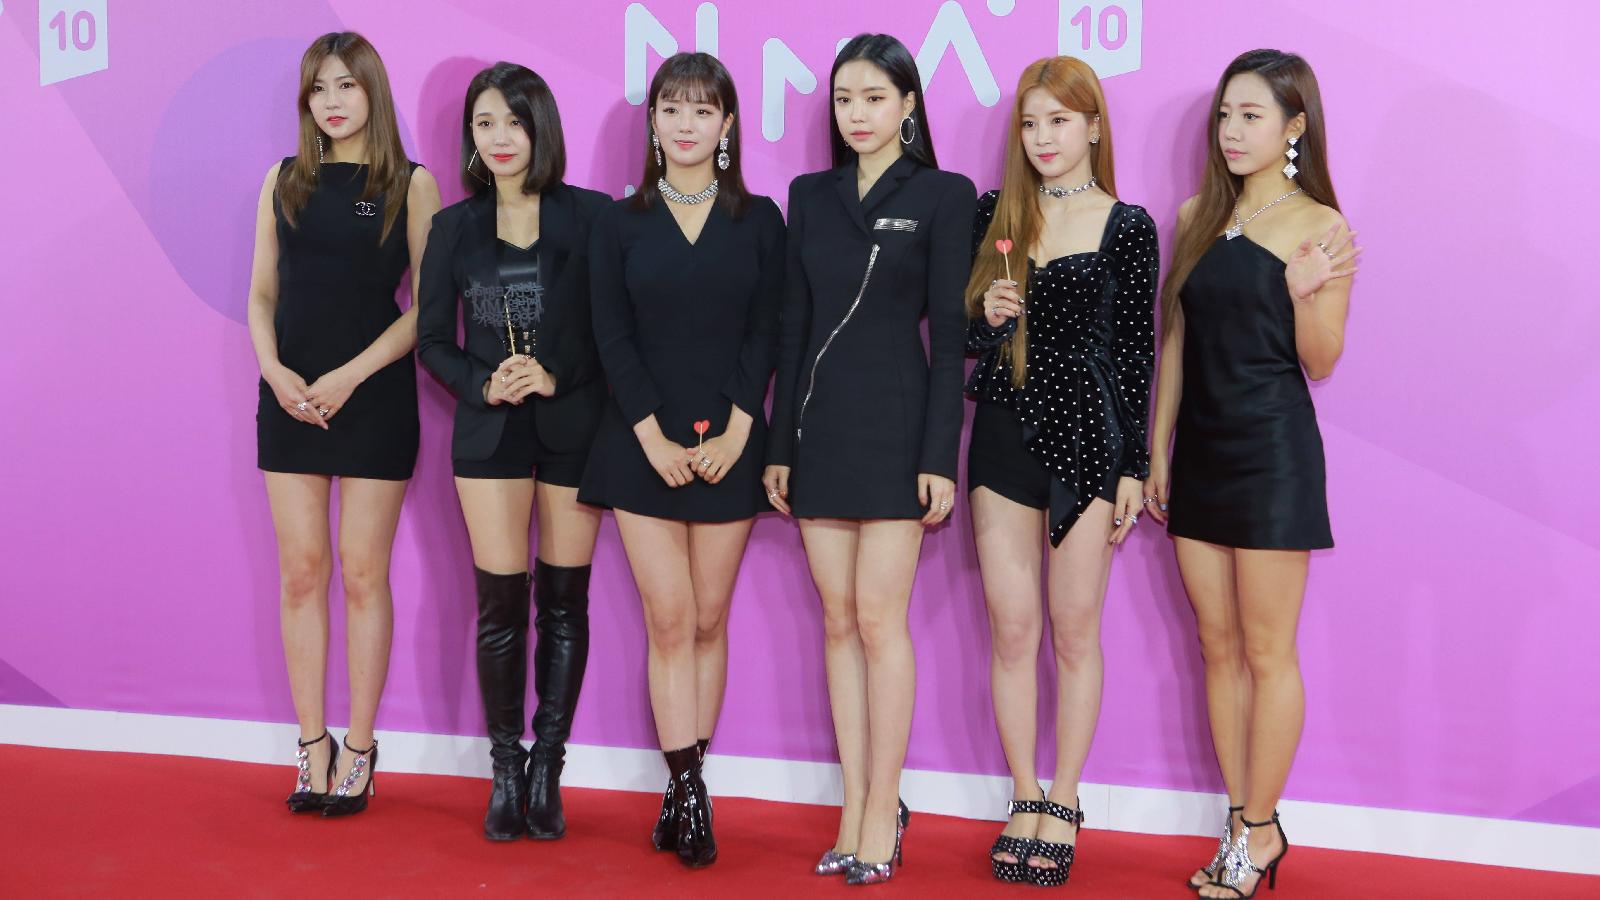 Die erfolgreichsten K-Pop-Bands